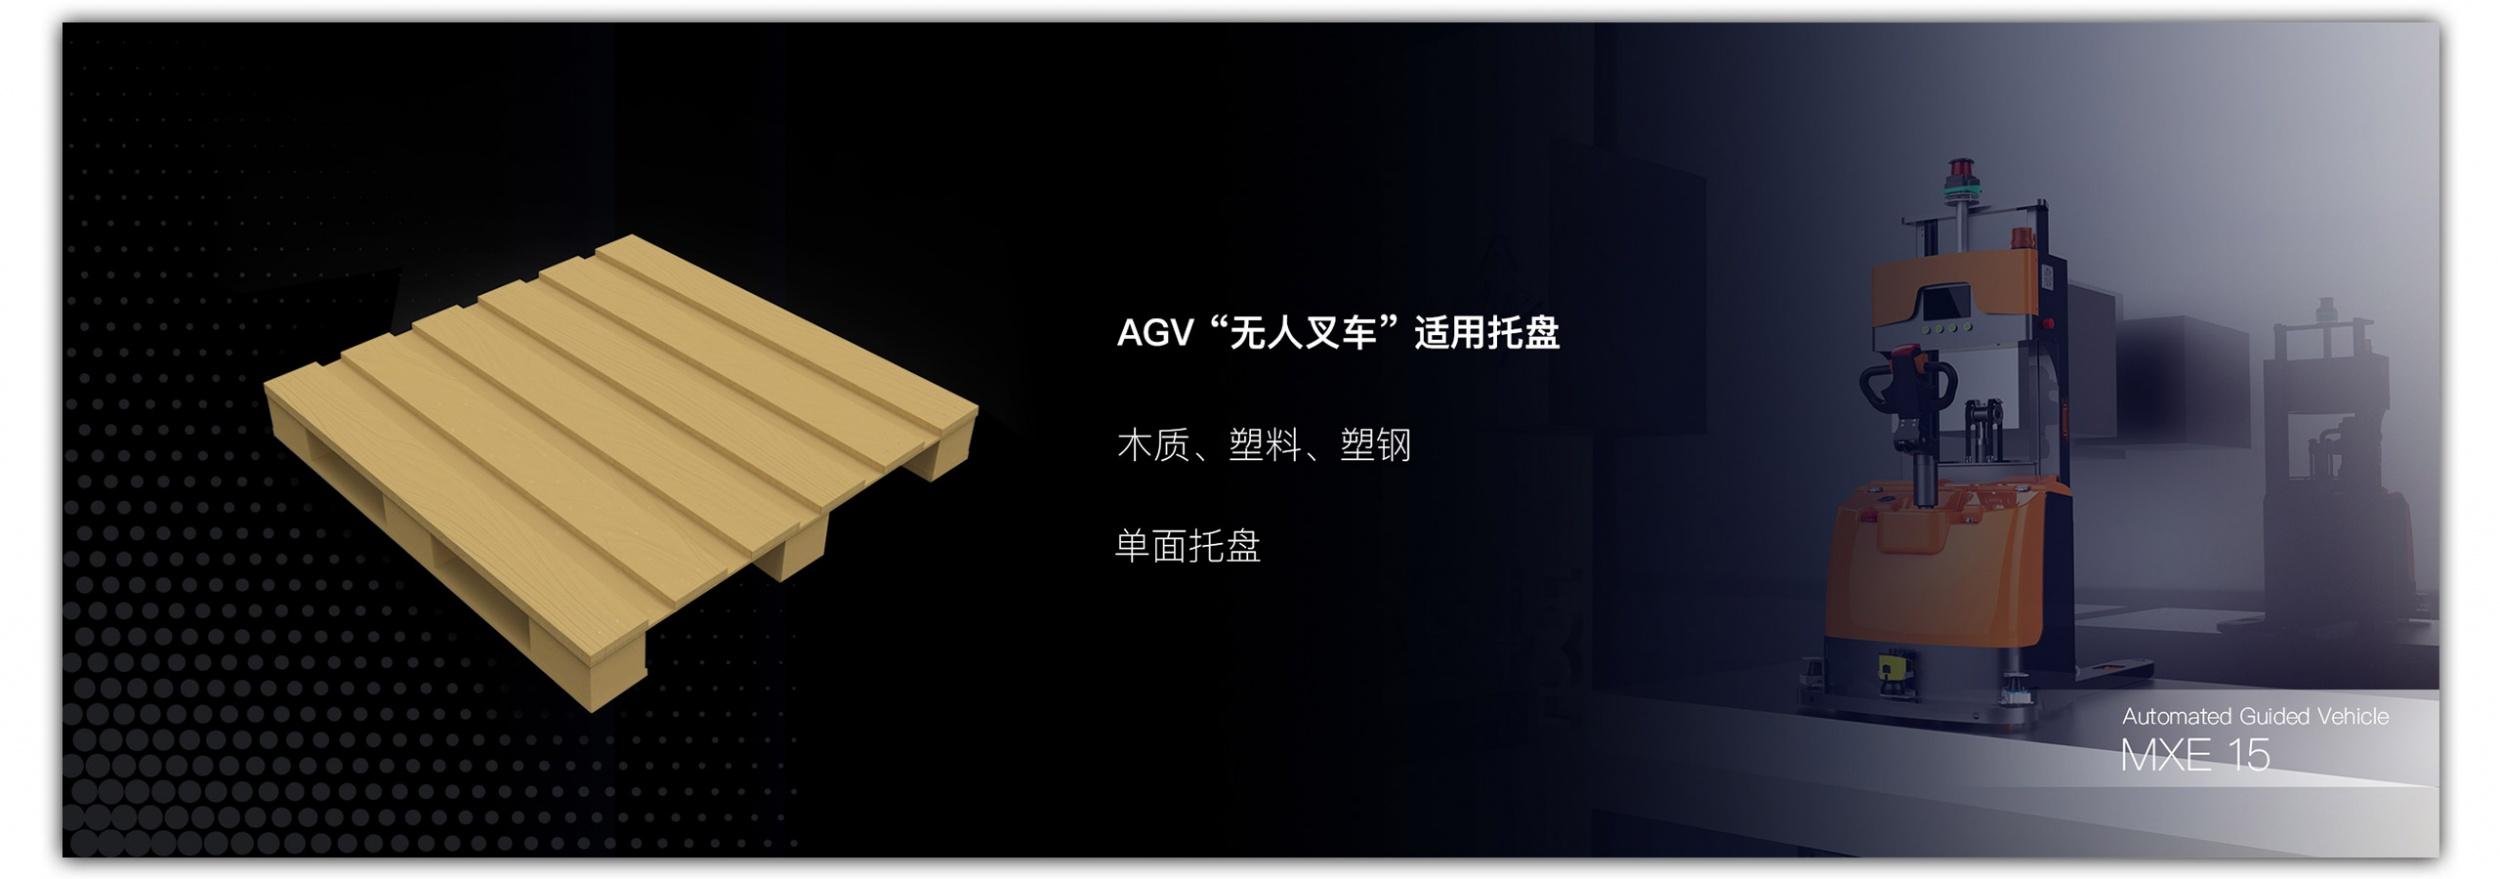 AGV适用托盘